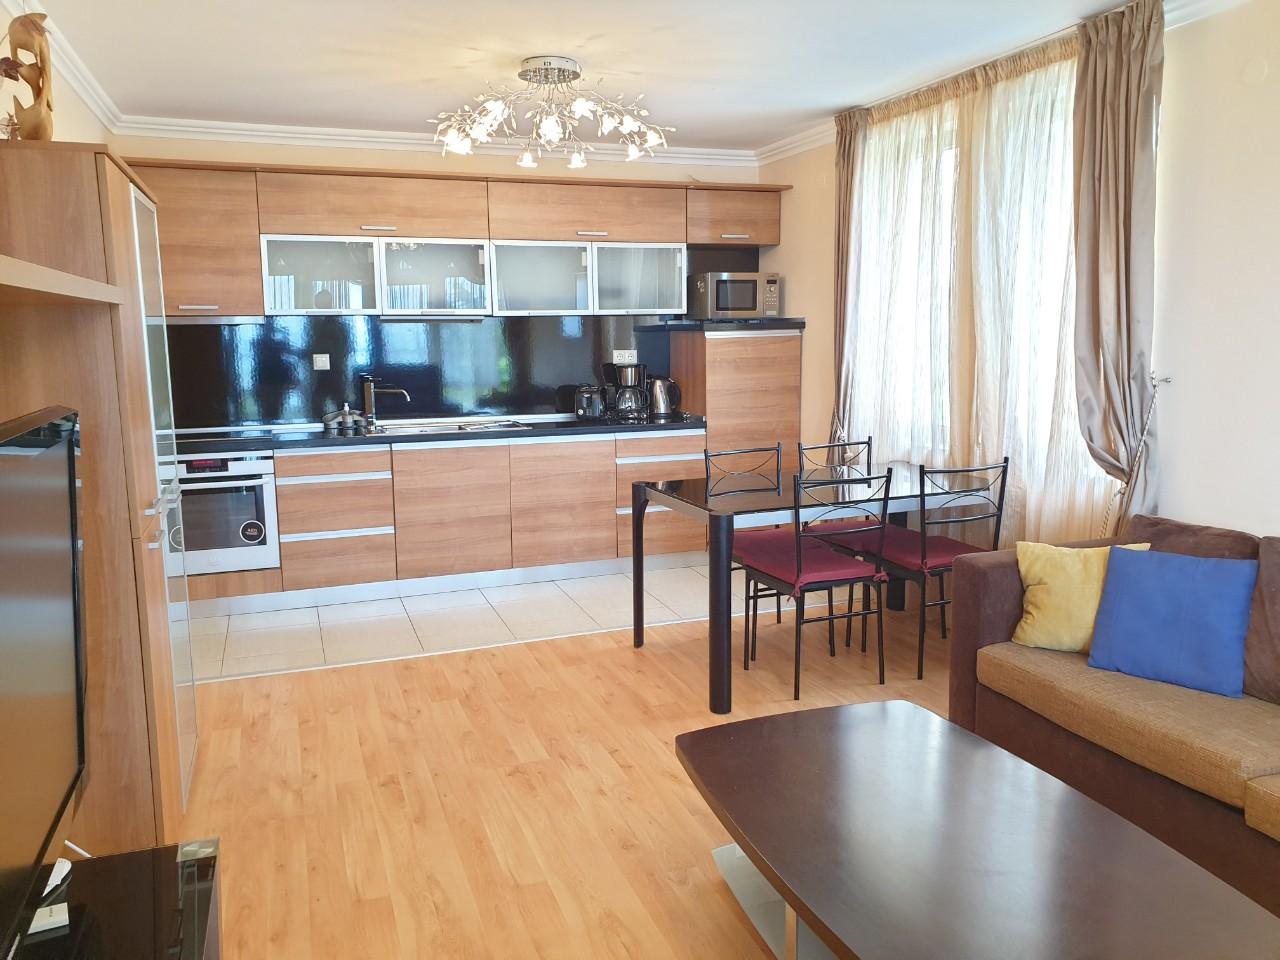 Bademi_Livingroom_kitchenette2